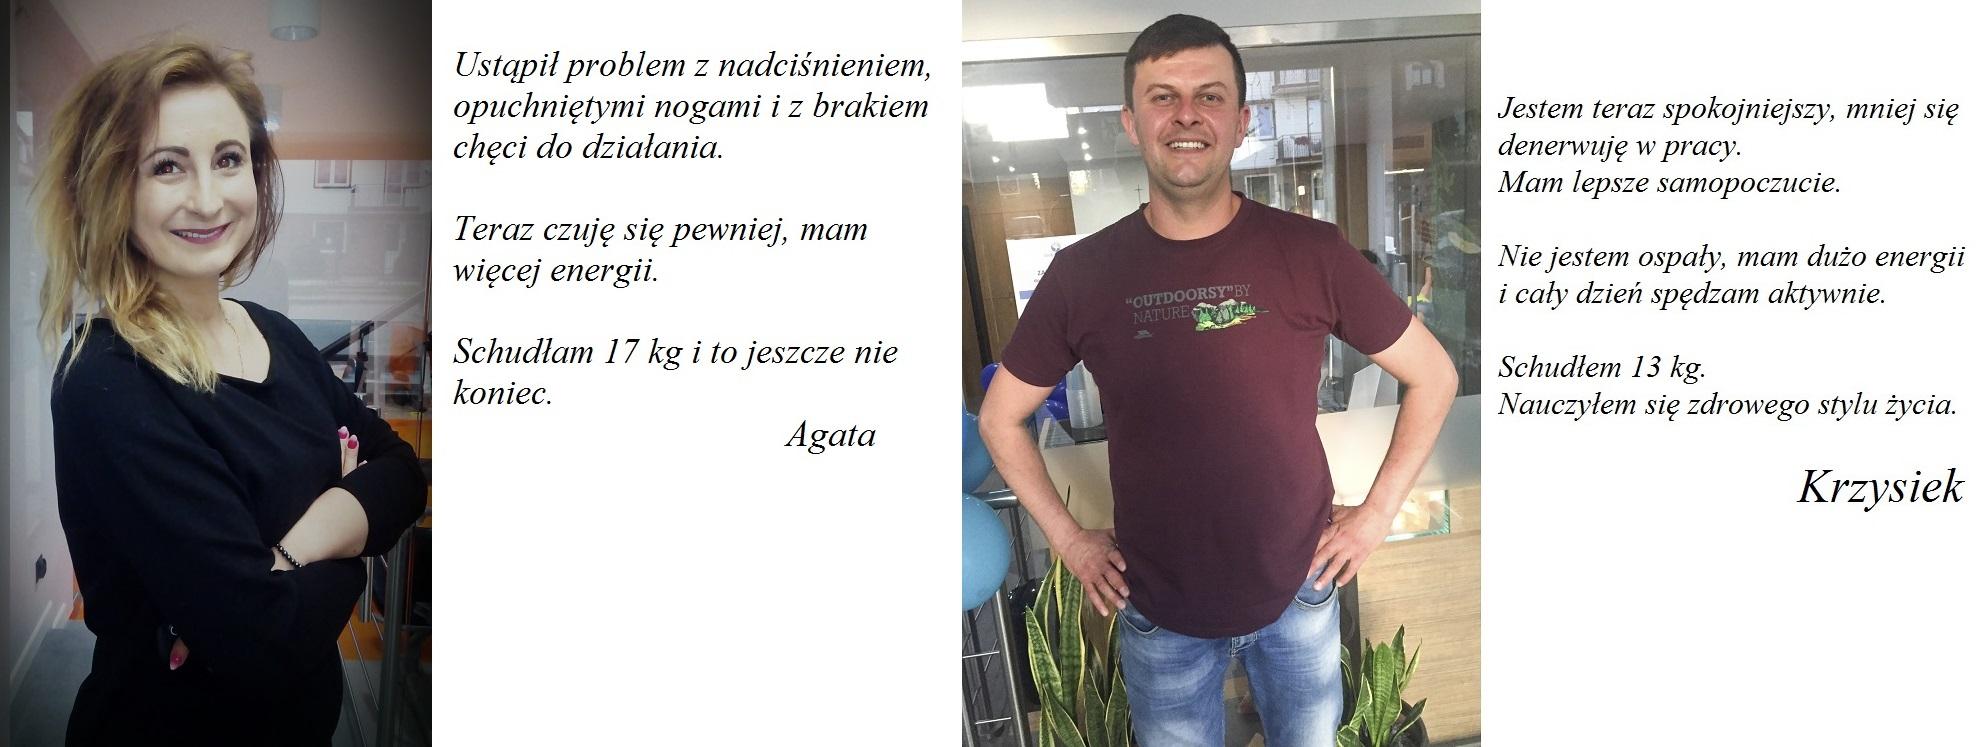 Klub AgataiKrzysiek